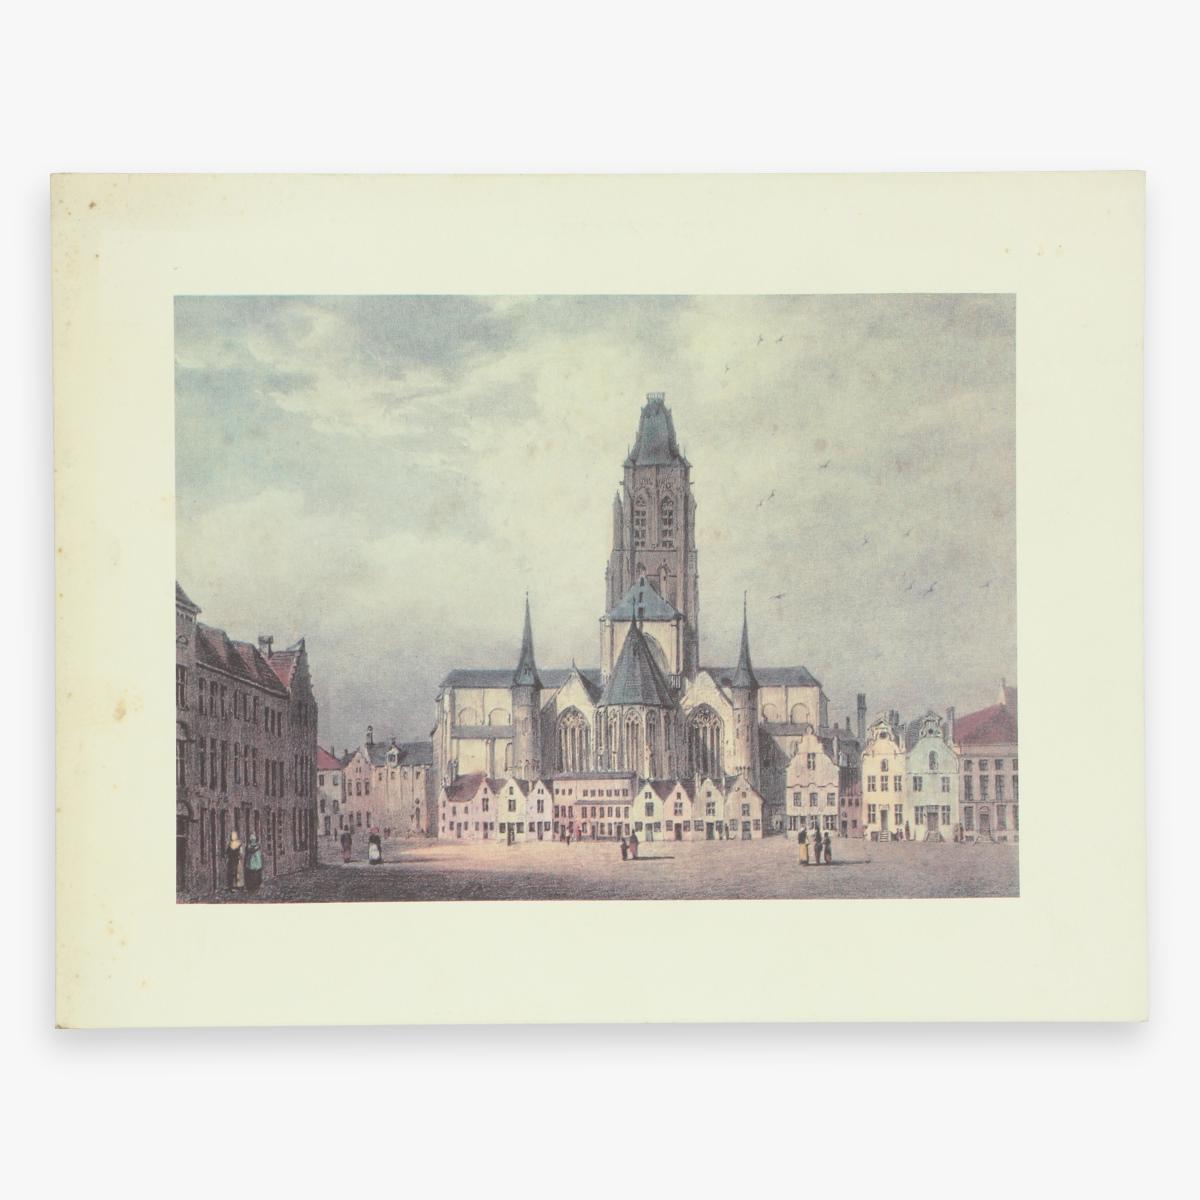 Afbeeldingen van sabena drank en spijzen kaart Brussel - New York - Oudenaarde . De Sint Walburgiskerk